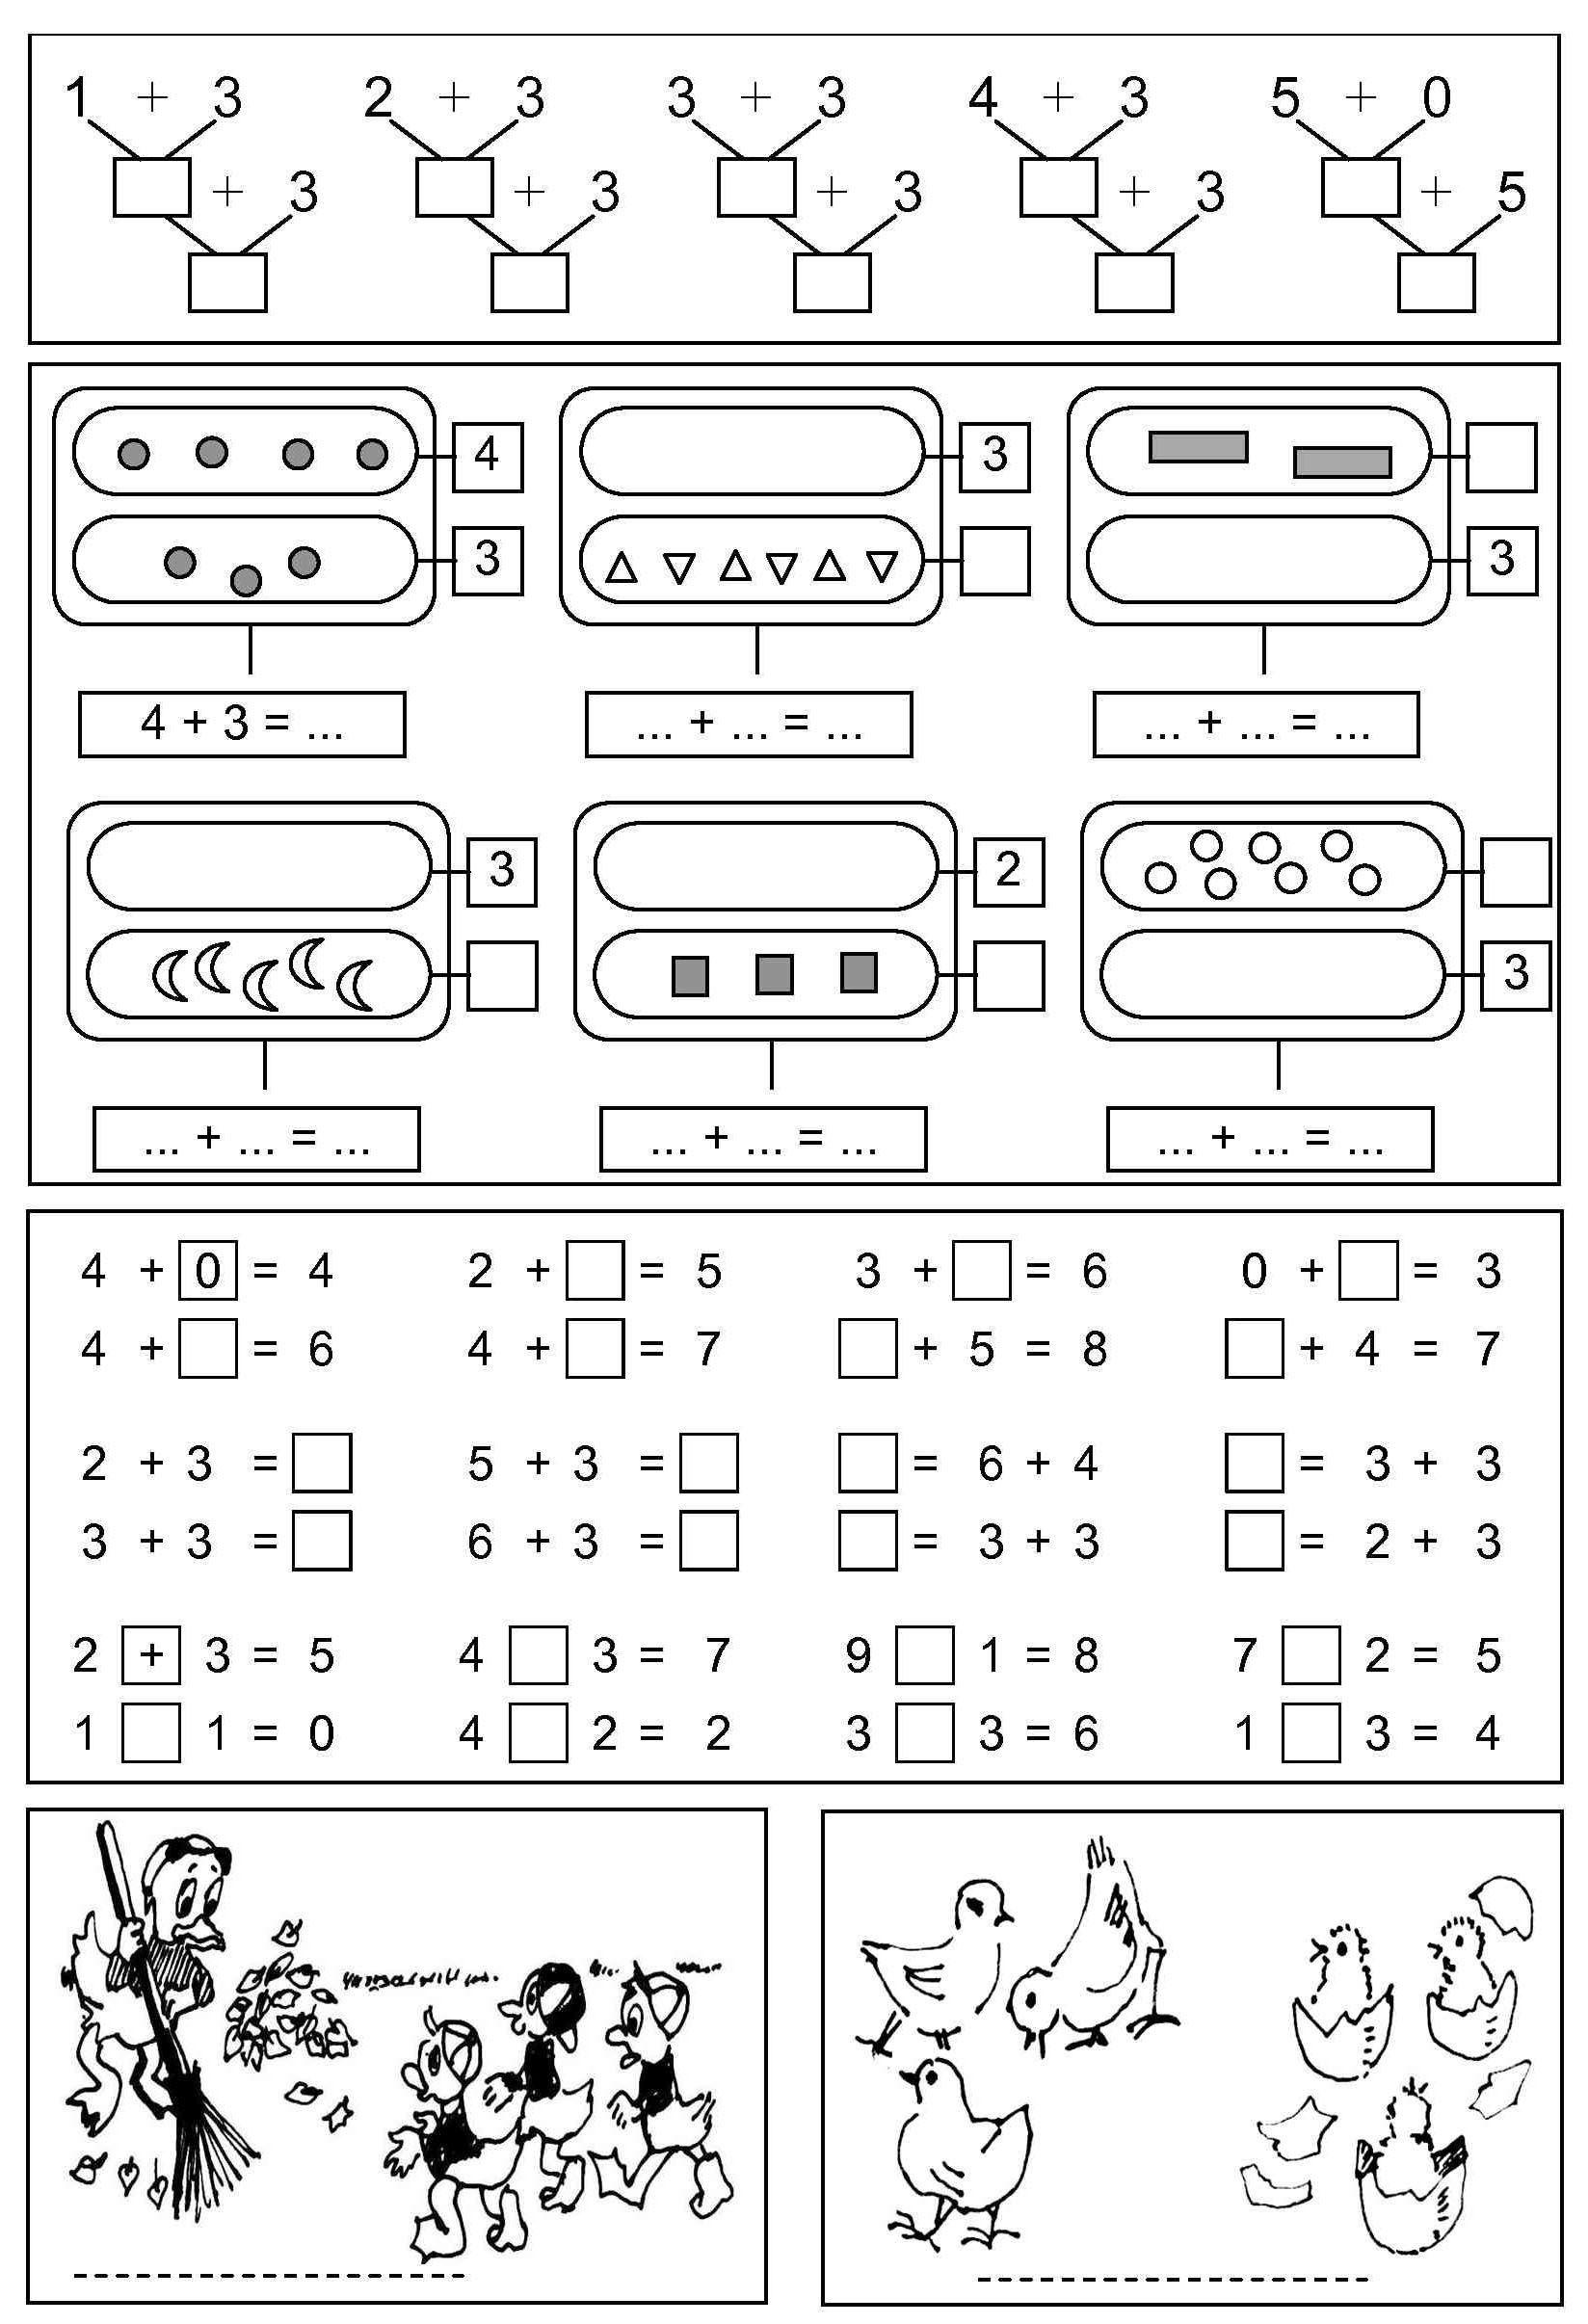 3 Aaa Math Worksheets Activity Editura Dor Math Worksheets Math Practices Worksheets [ 2412 x 1648 Pixel ]